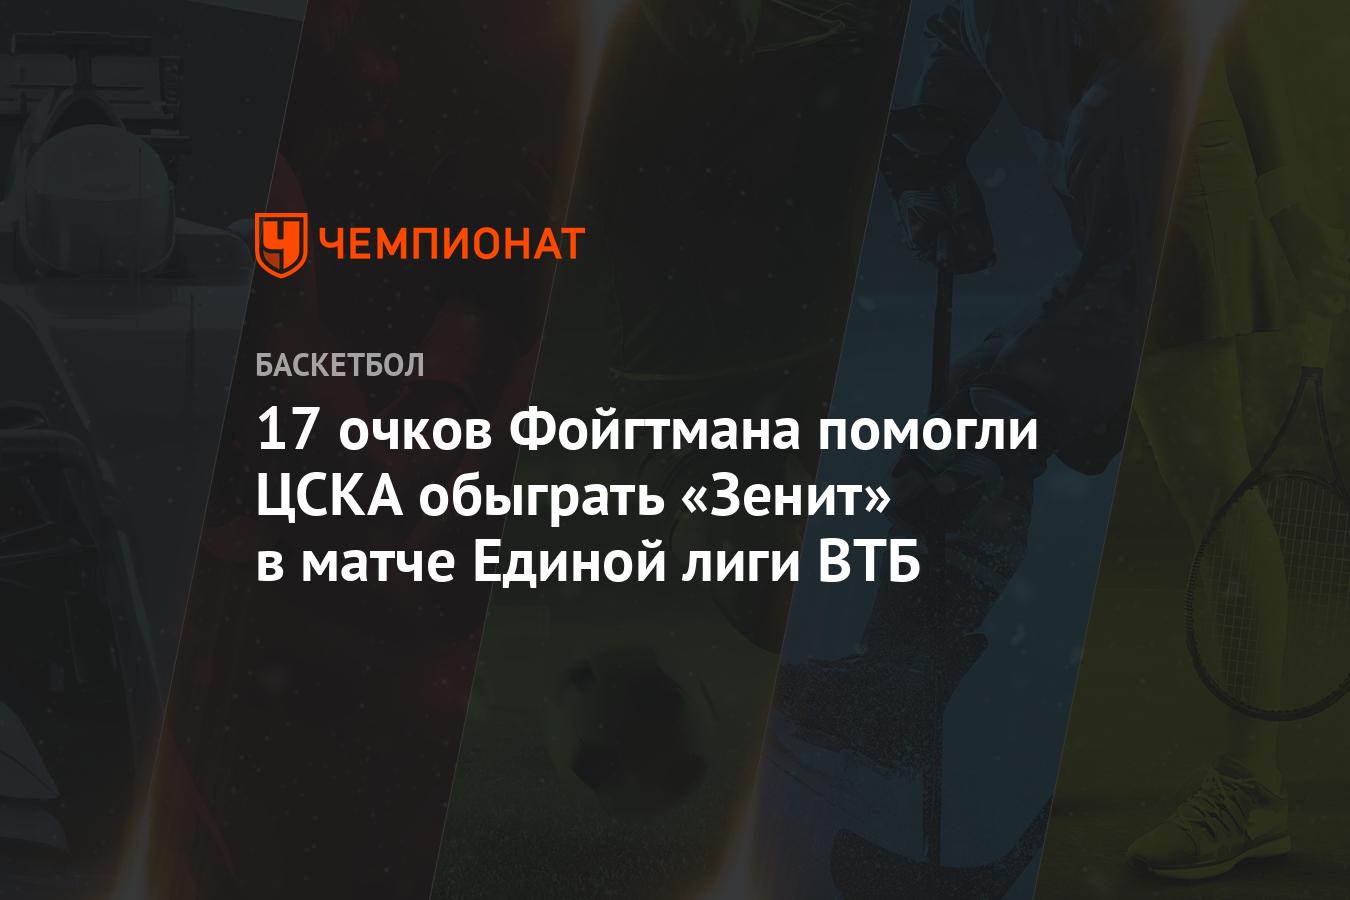 17 очков Фойгтмана помогли ЦСКА обыграть «Зенит» в матче Единой лиги ВТБ - Чемпионат